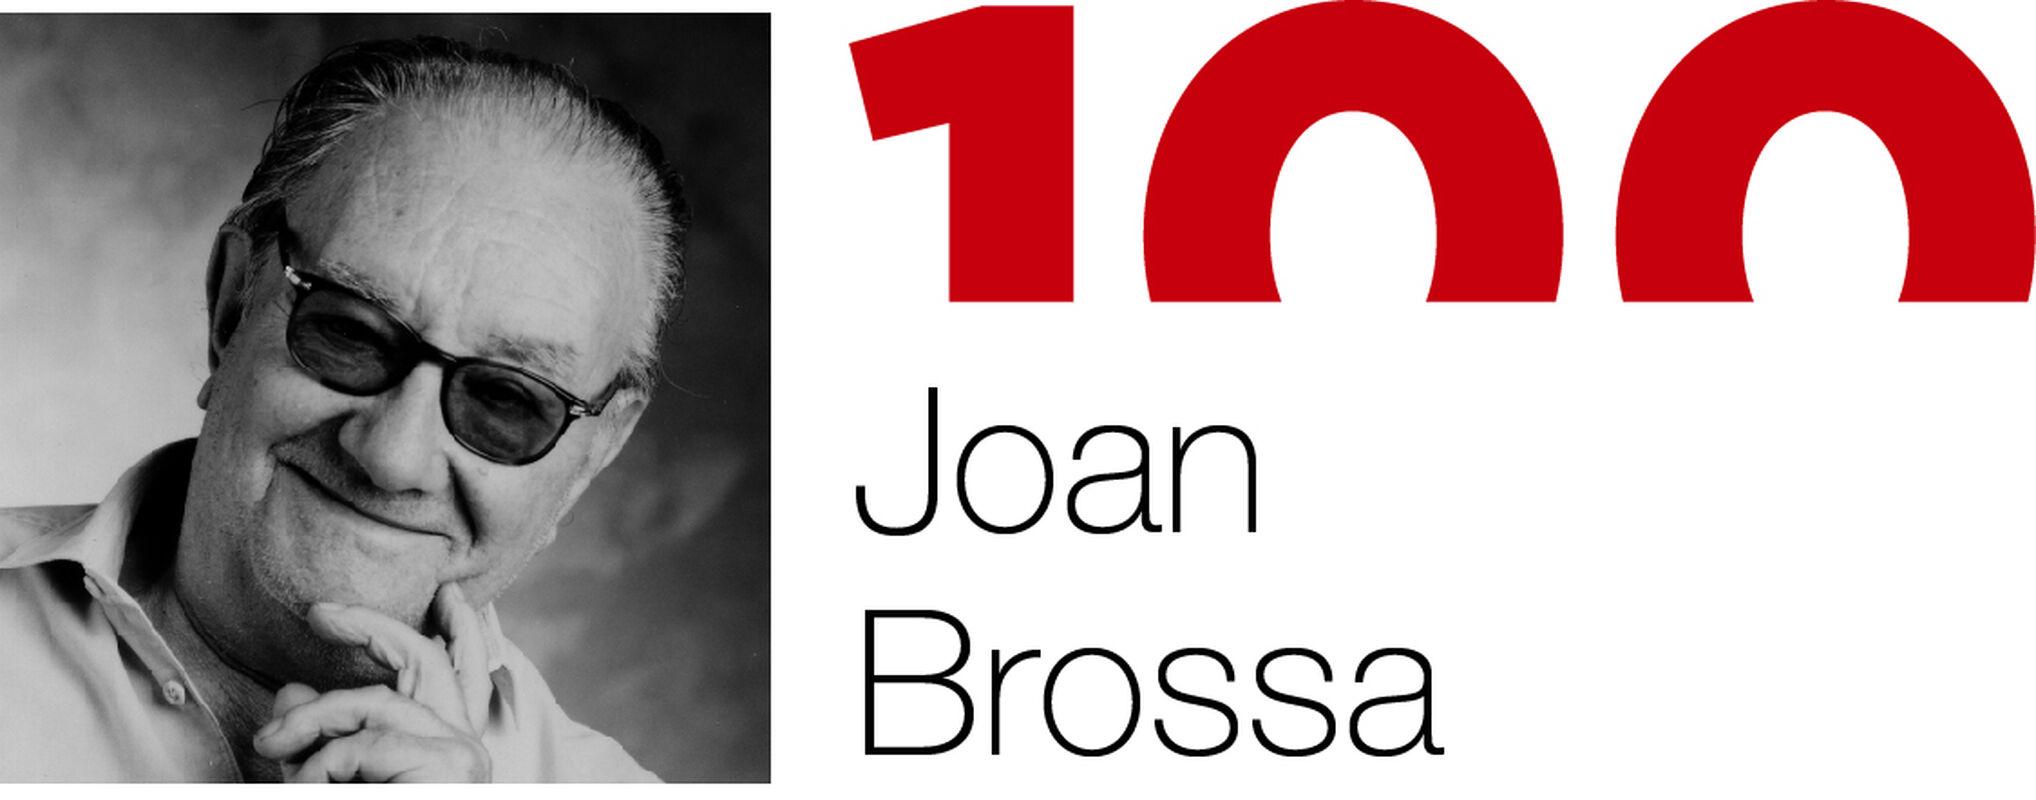 Tàrrega se suma a l'Any Joan Brossa i ofereix el dijous 26  un muntatge d'El Celler d'Espectacles inspirat en l'univers creatiu de l'autor